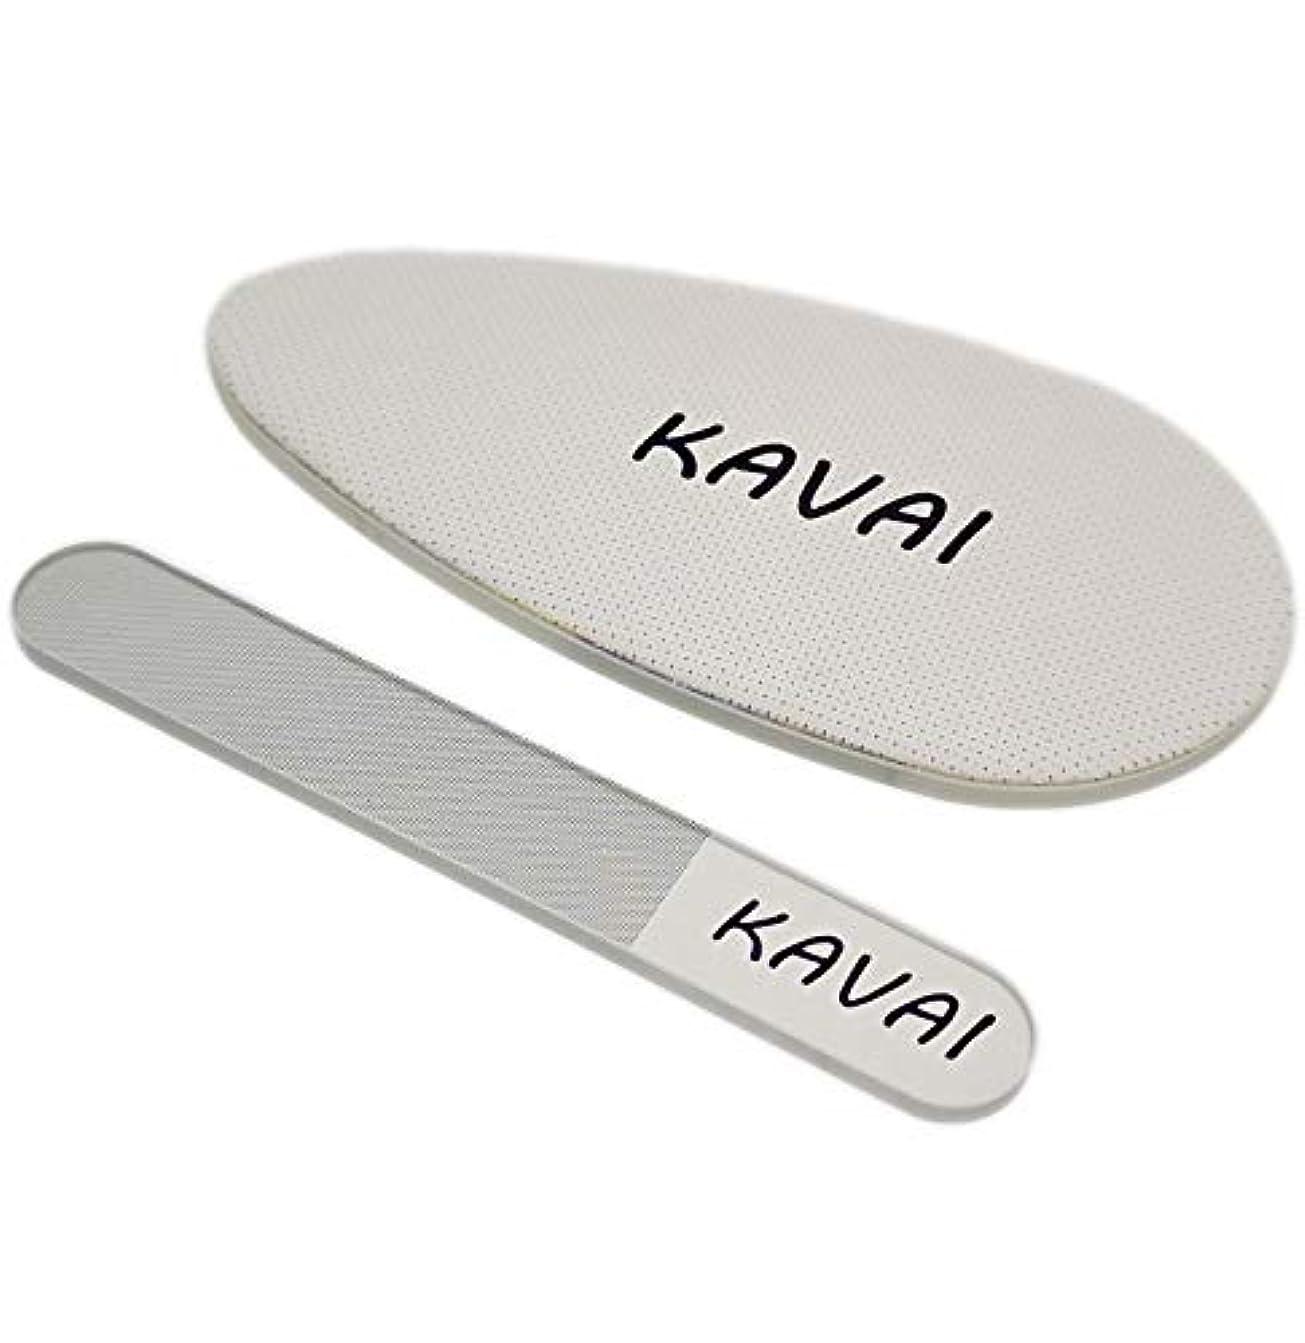 神経衰弱パフ革命Kavai かかと削り, かかと 角質取り ガラス, ガラス製かかとやすり 足 かかと削り かかと削り かかと磨き ガラス製 爪やすり (爪やすり)